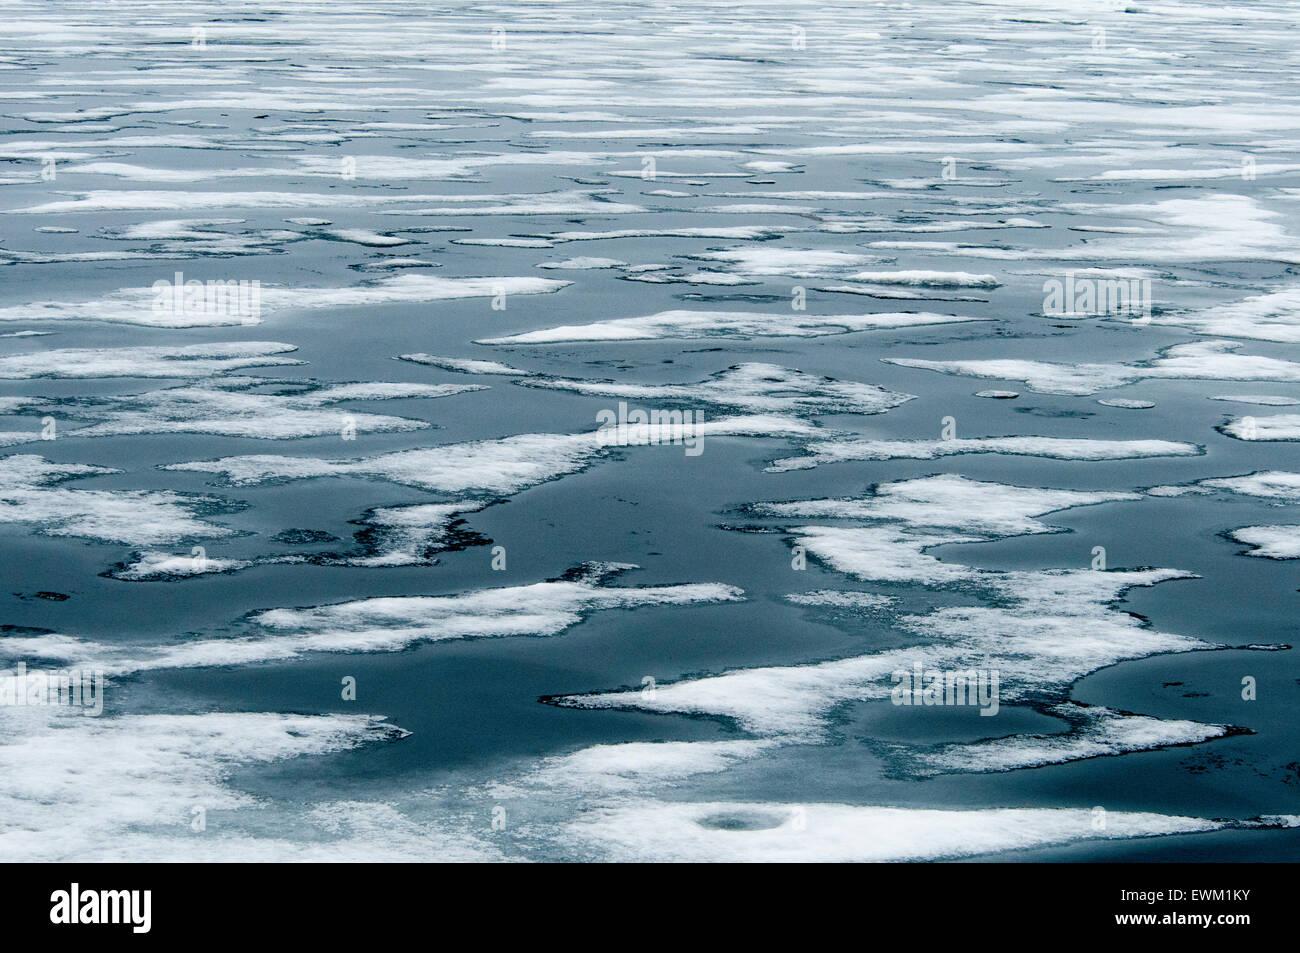 Résumé formé par la glace dans les eaux bleues de l'océan Arctique près de Spitzberg, Photo Stock